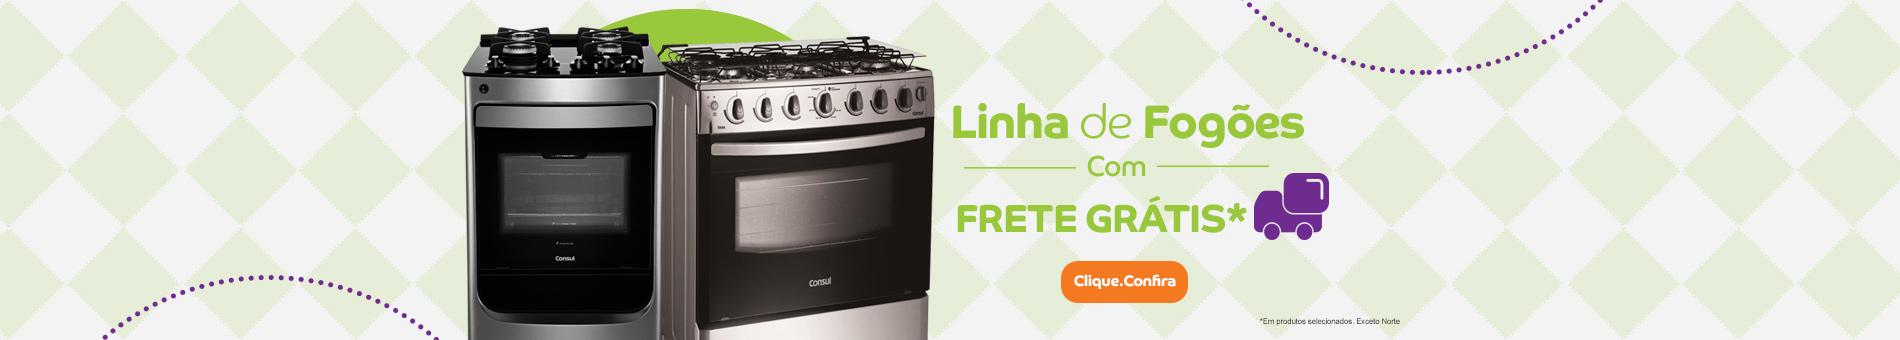 Promoção Interna - 844 - diadefretegratis_fogoes_home5_23092016 - fogoes - 5